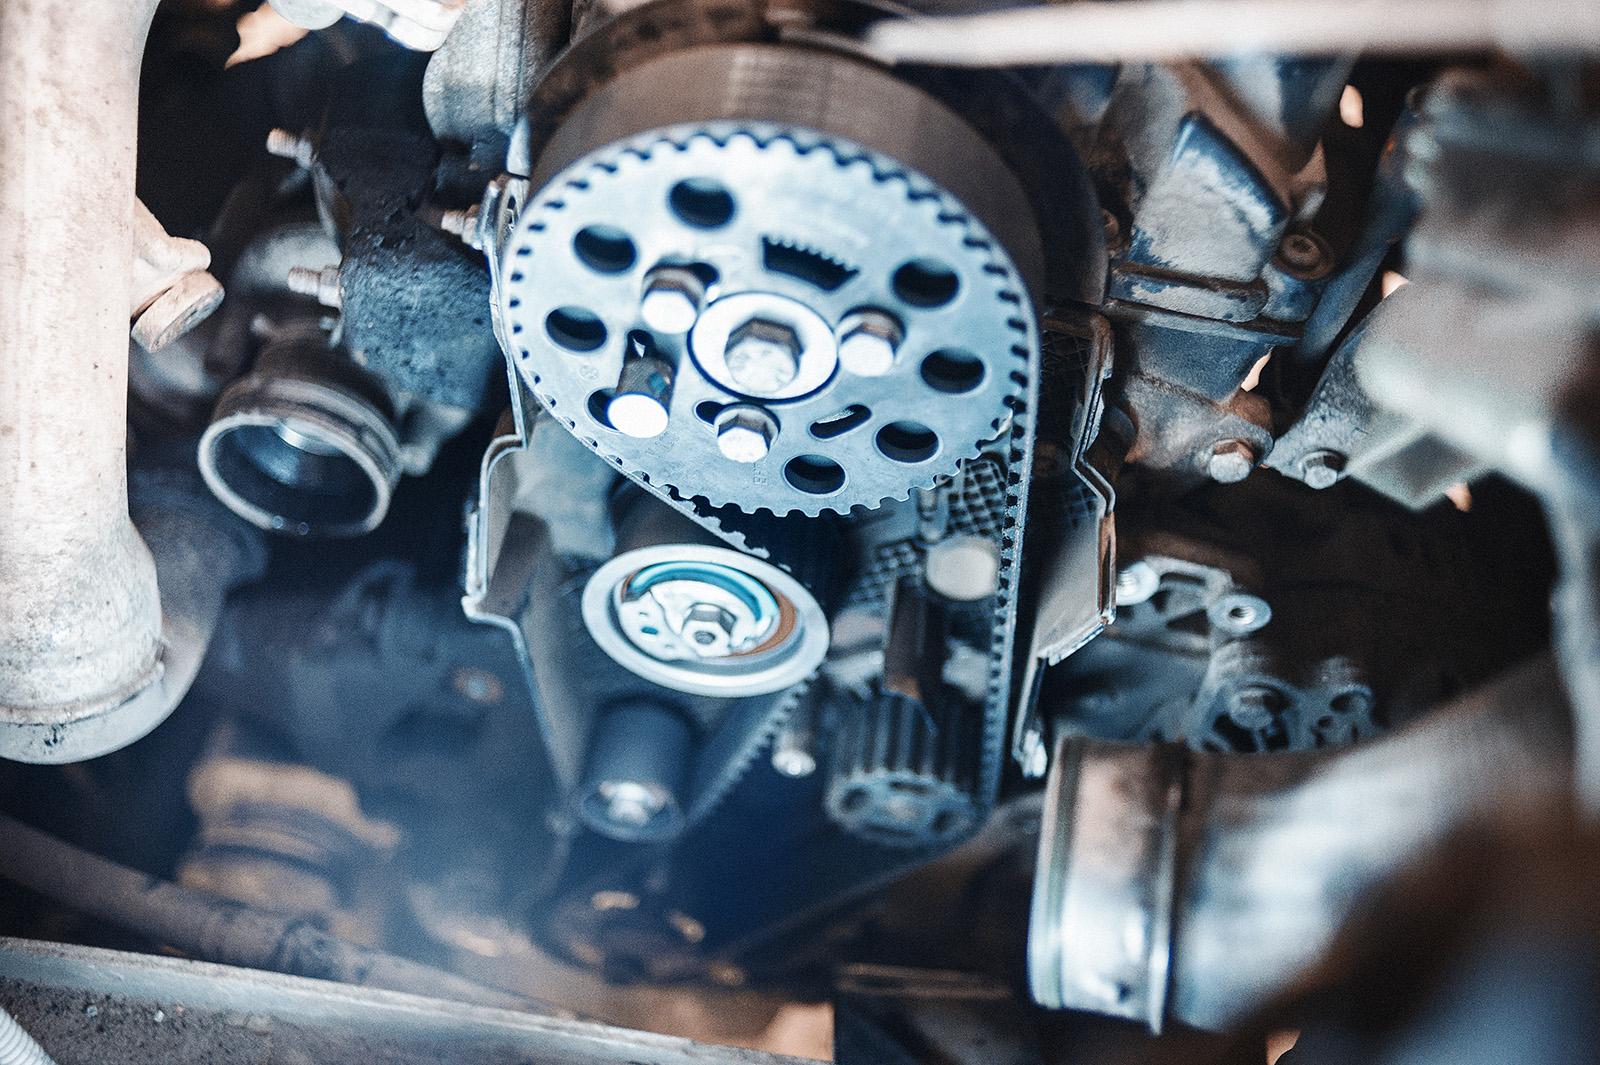 Замена ремня грм на фольксваген транспортер т4 дизель ваз 2114 когда сойдет с конвейера